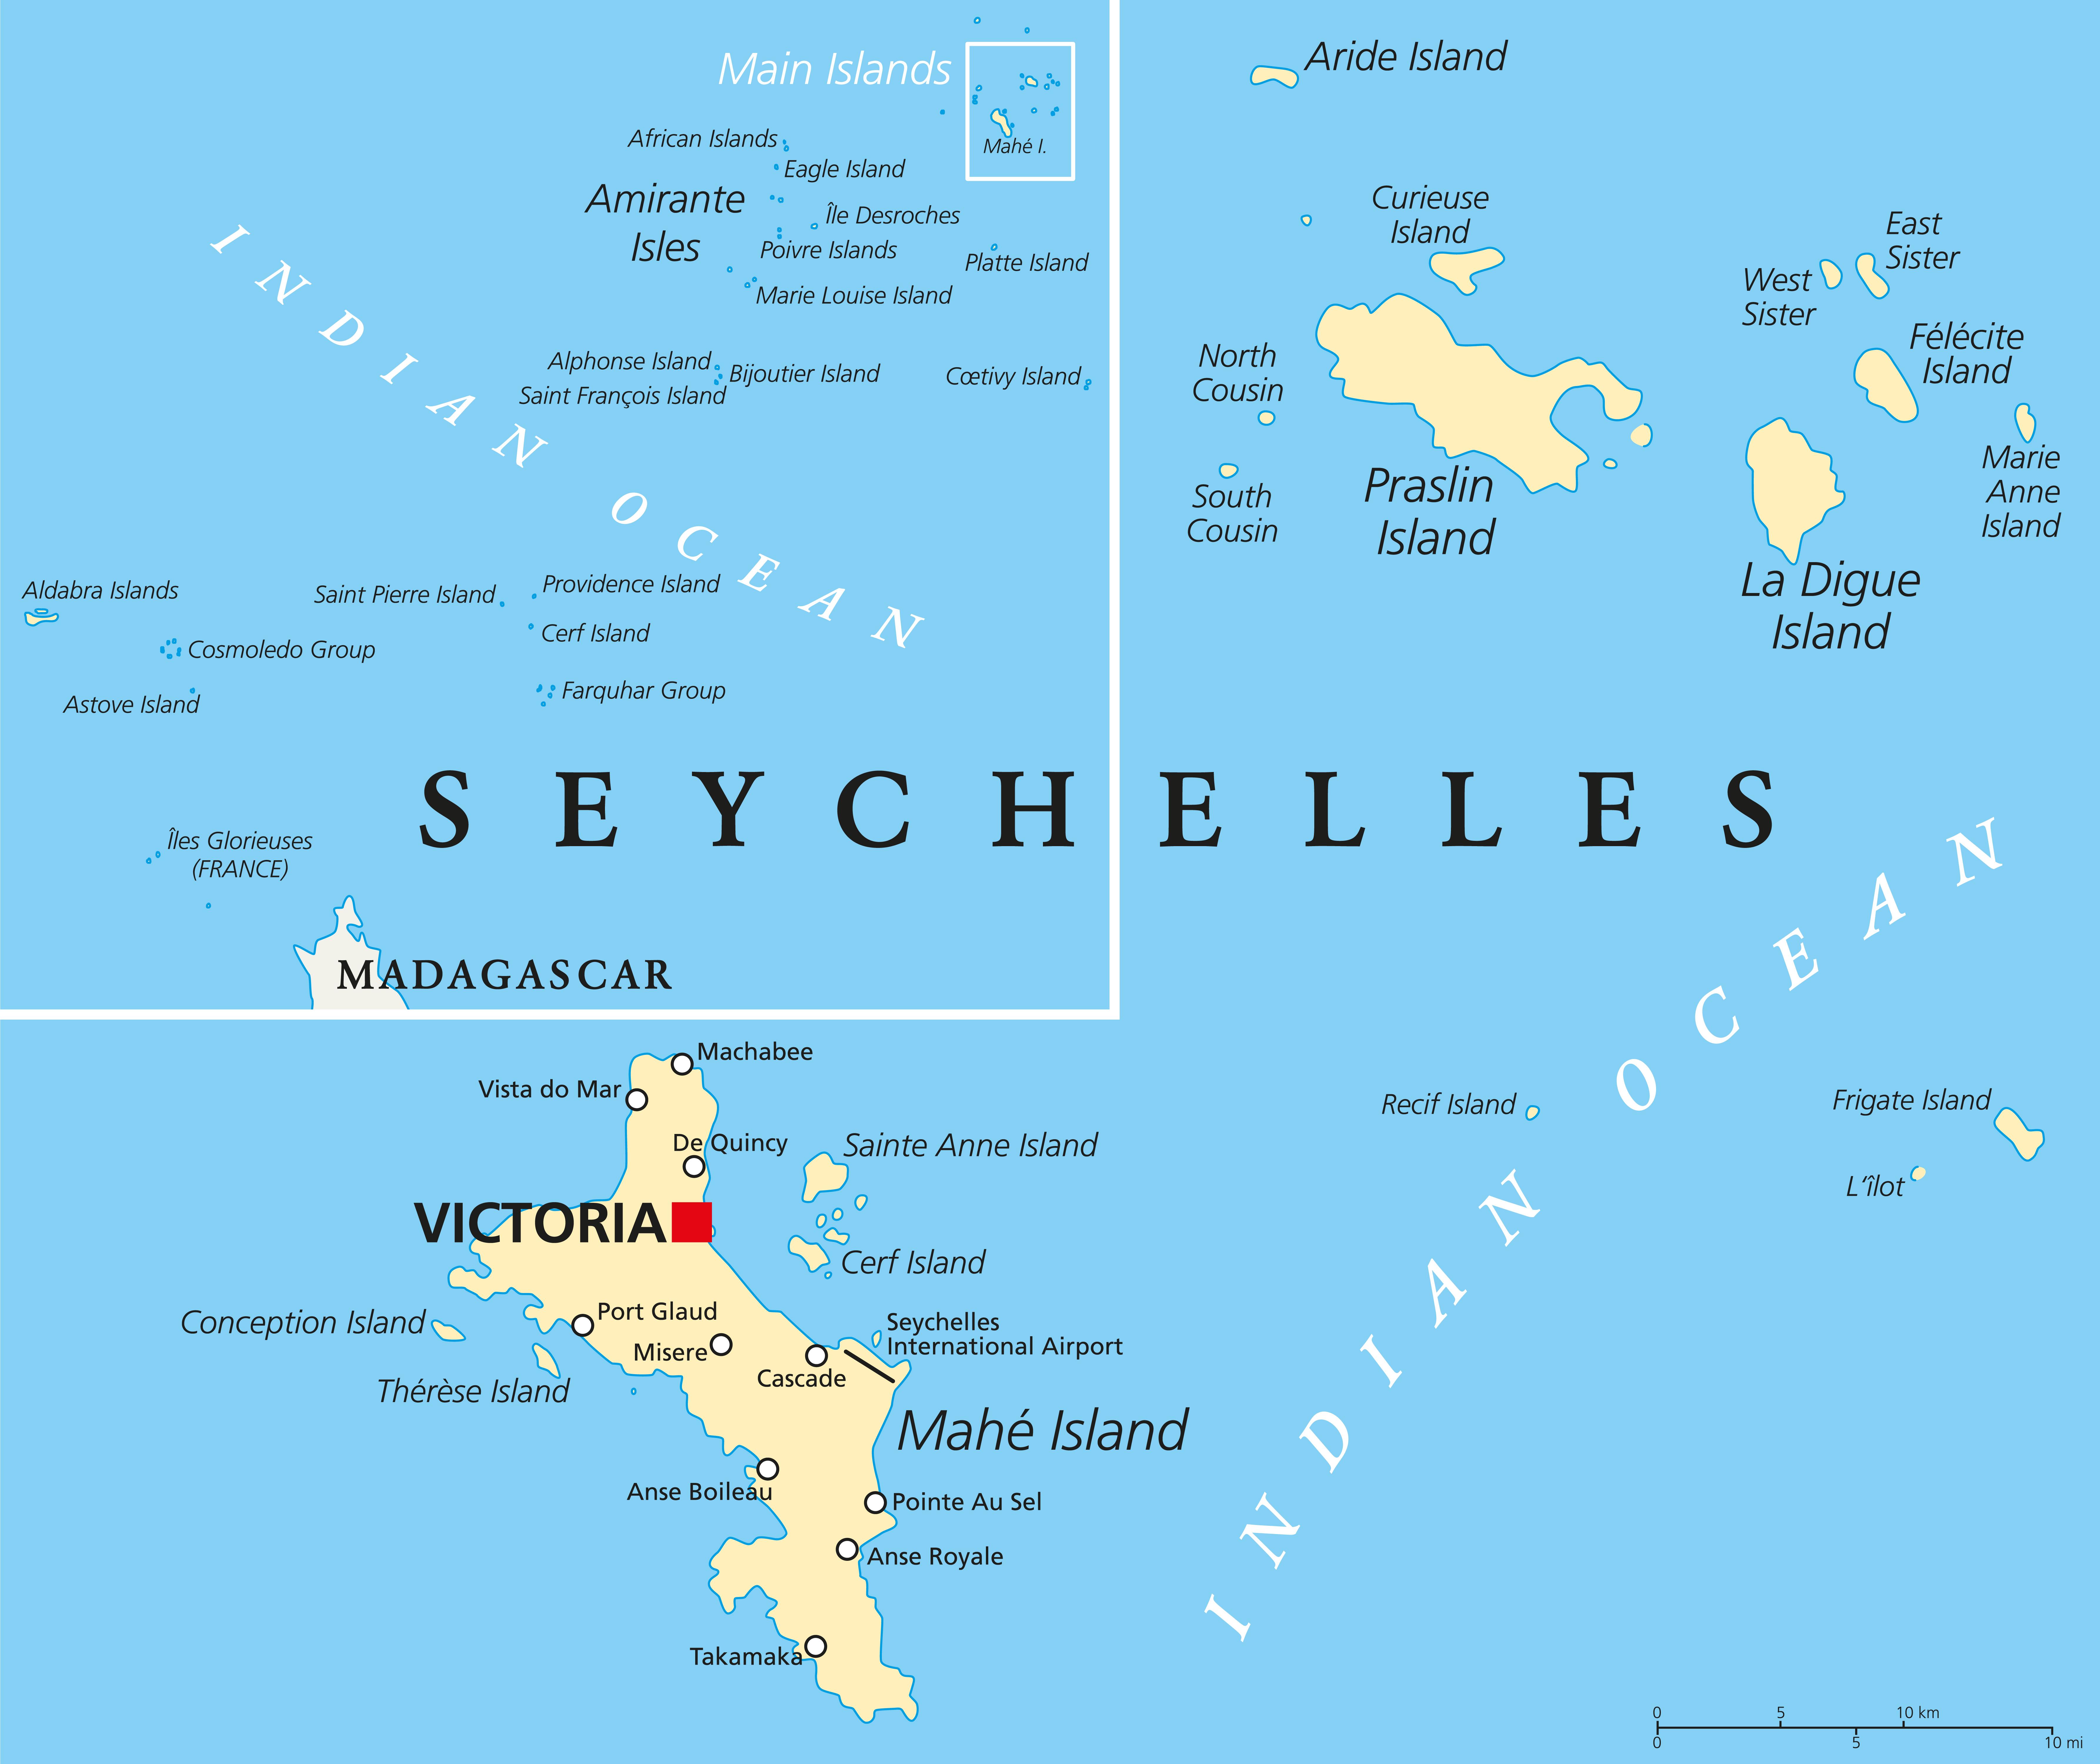 seychellene kart Seychelles Political Map   Carpe Diem seychellene kart